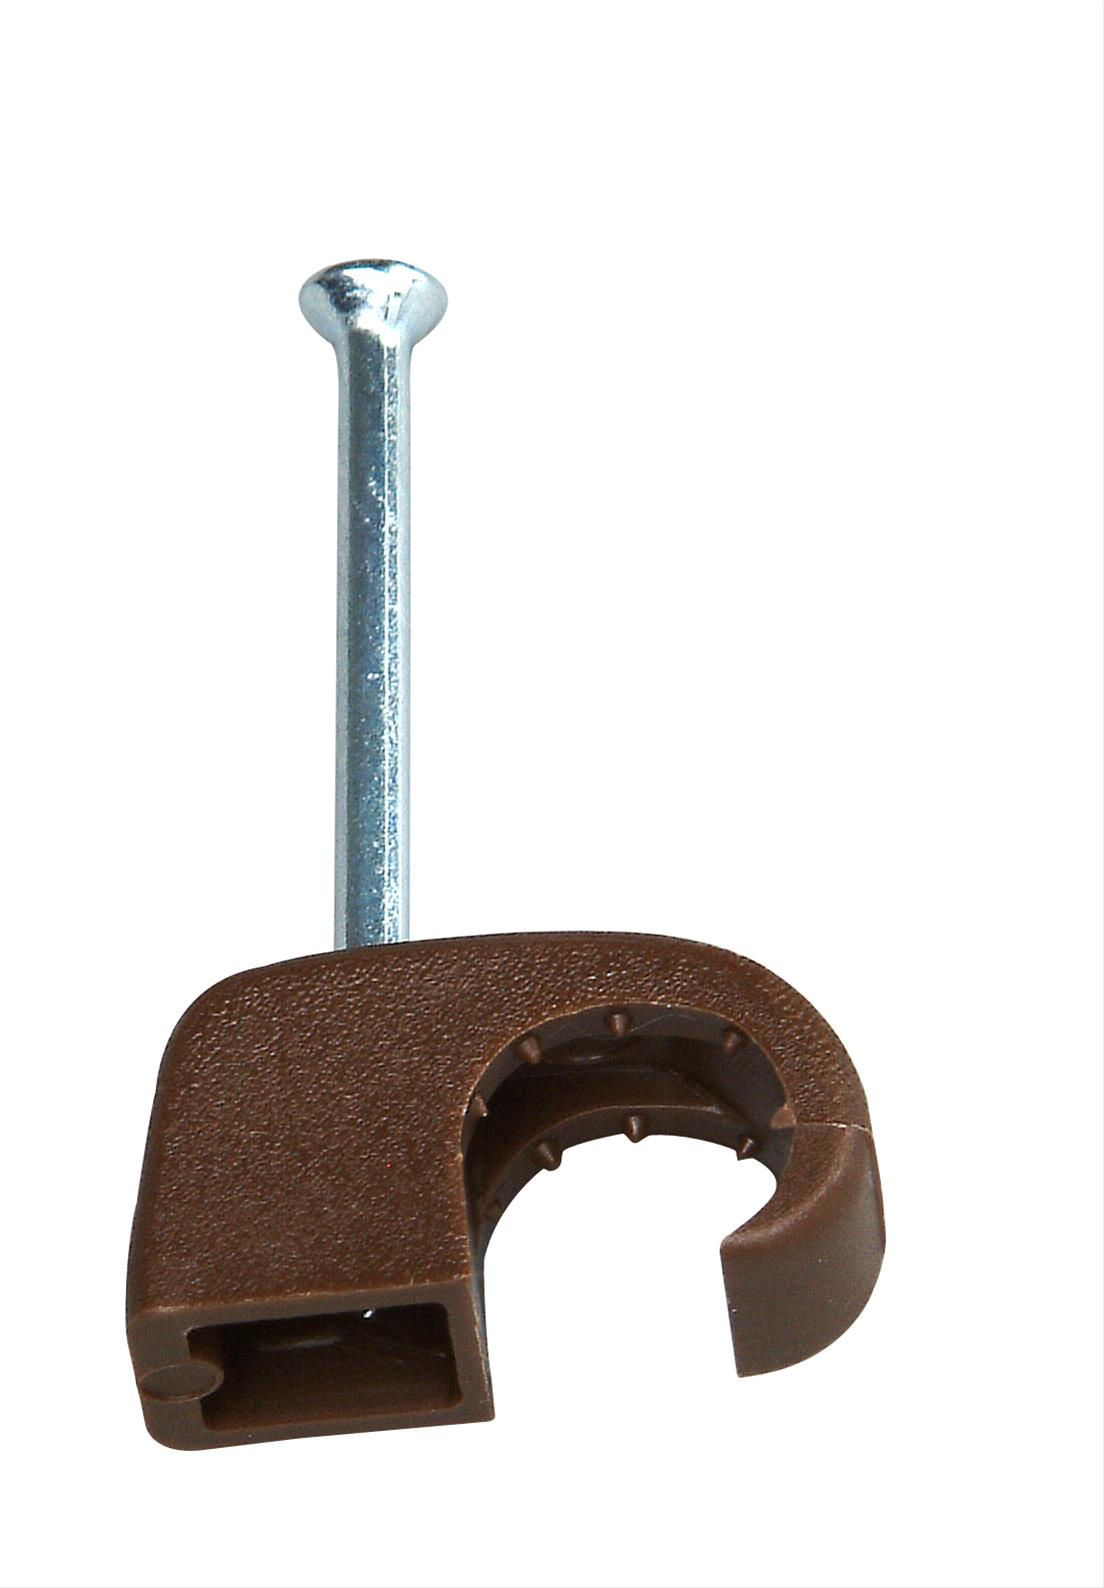 Kopp Iso-Schellen 7 - 11mm mit Stahlnadeln 50Stück Bild 1